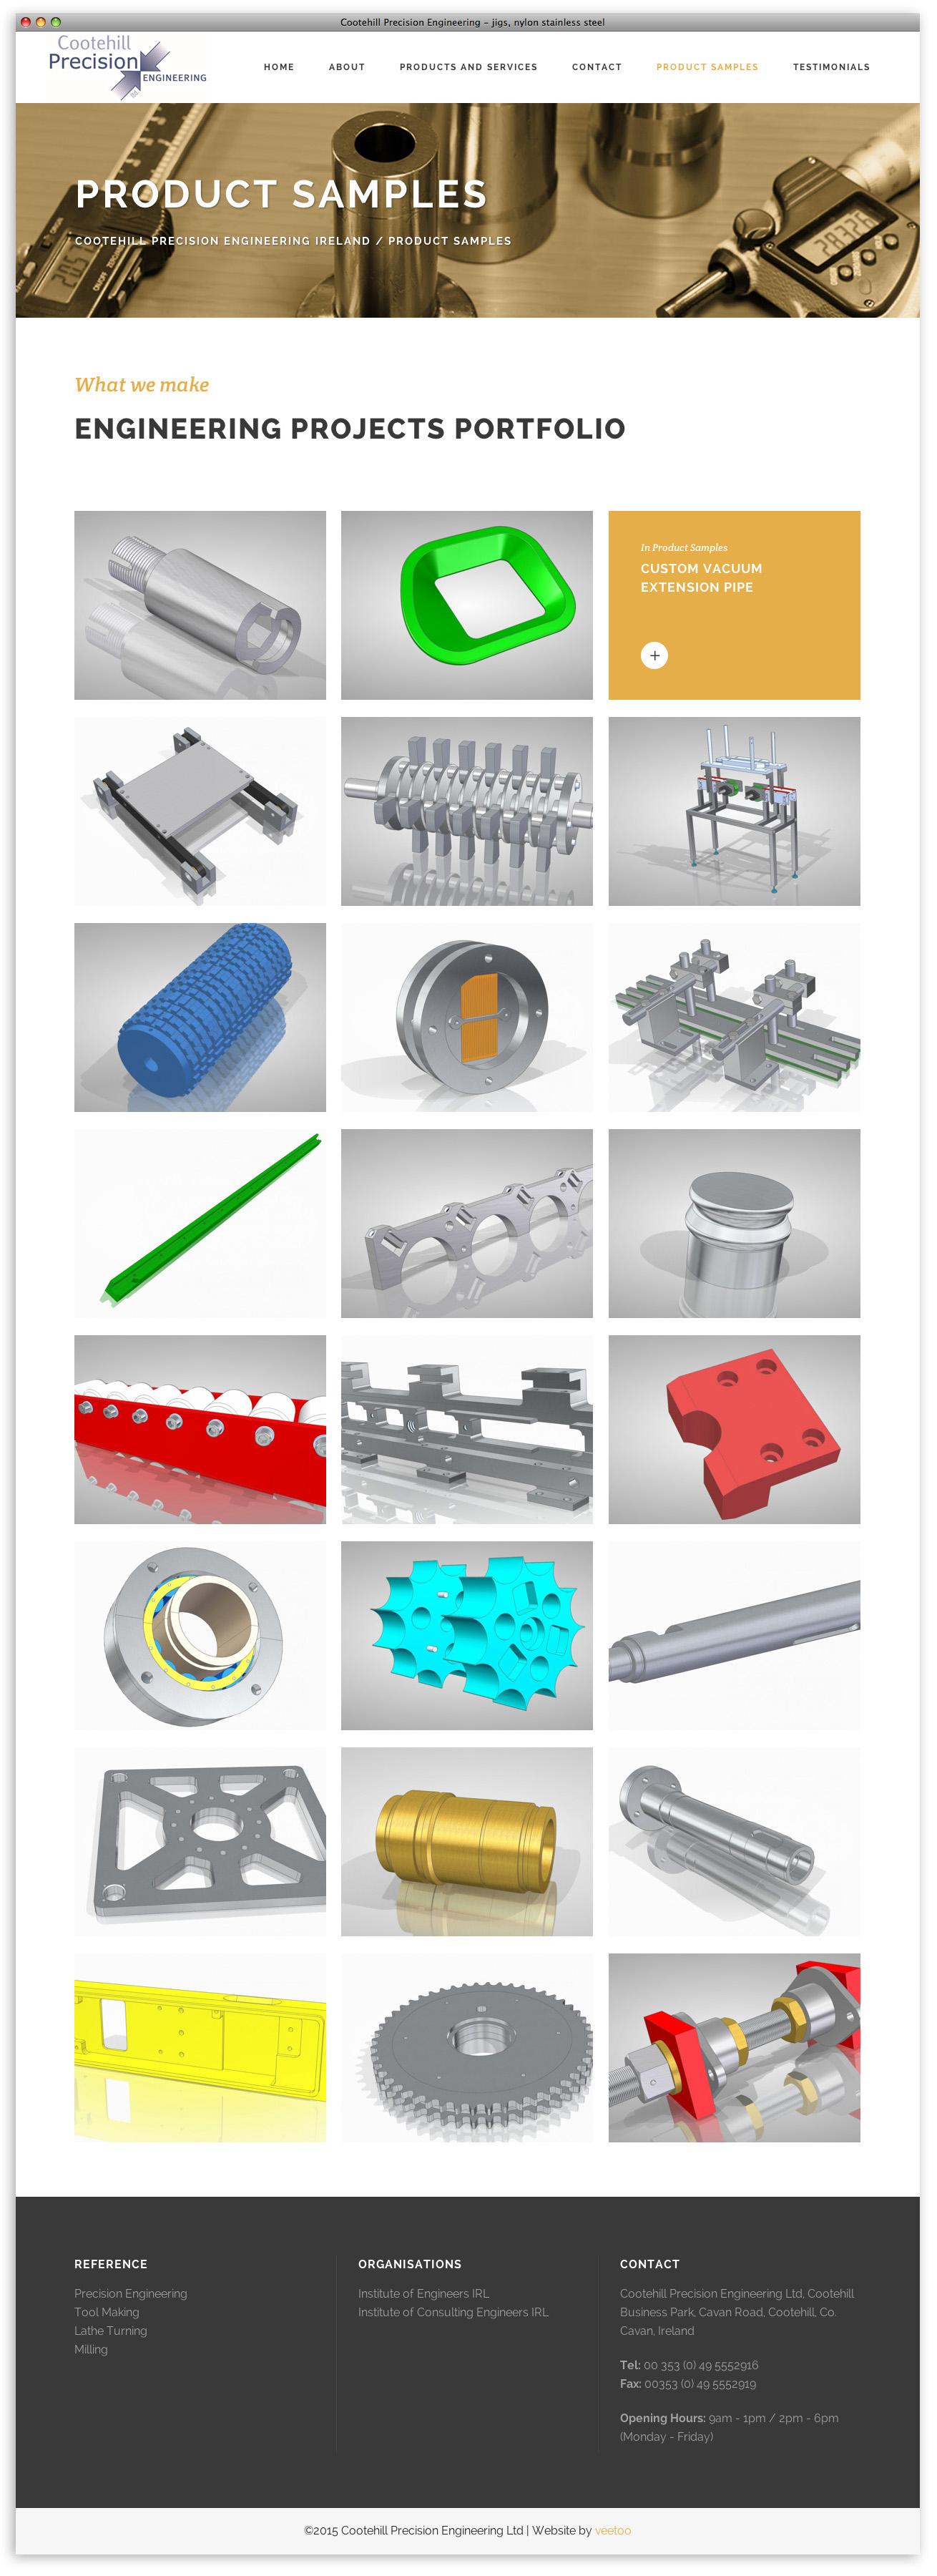 Website designer Belfast design 11 image 6 by veetoo design studio Northern Ireland